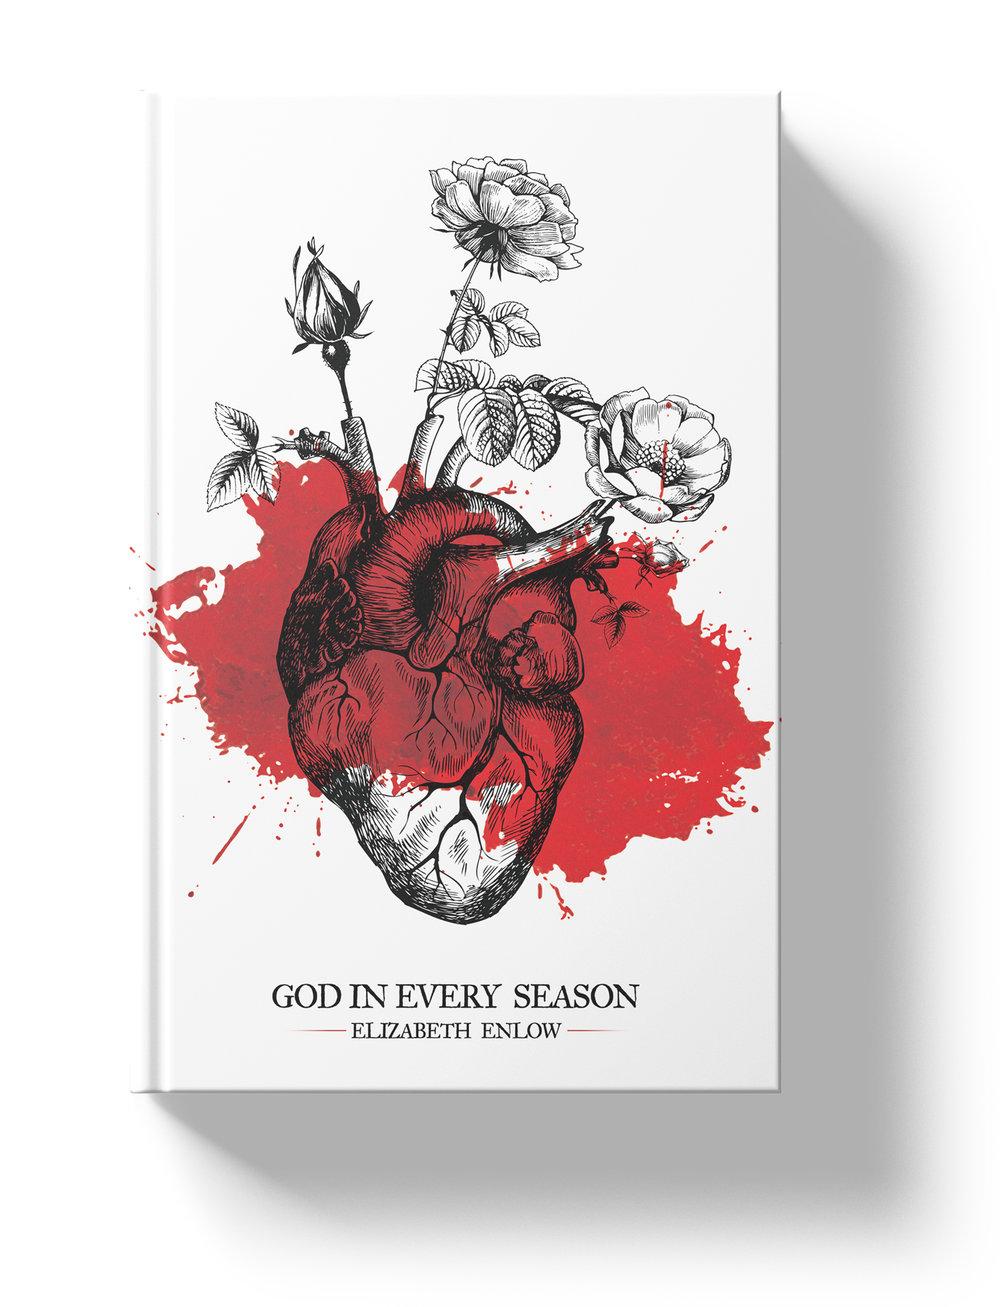 EE_BOOK_COVER2.jpg